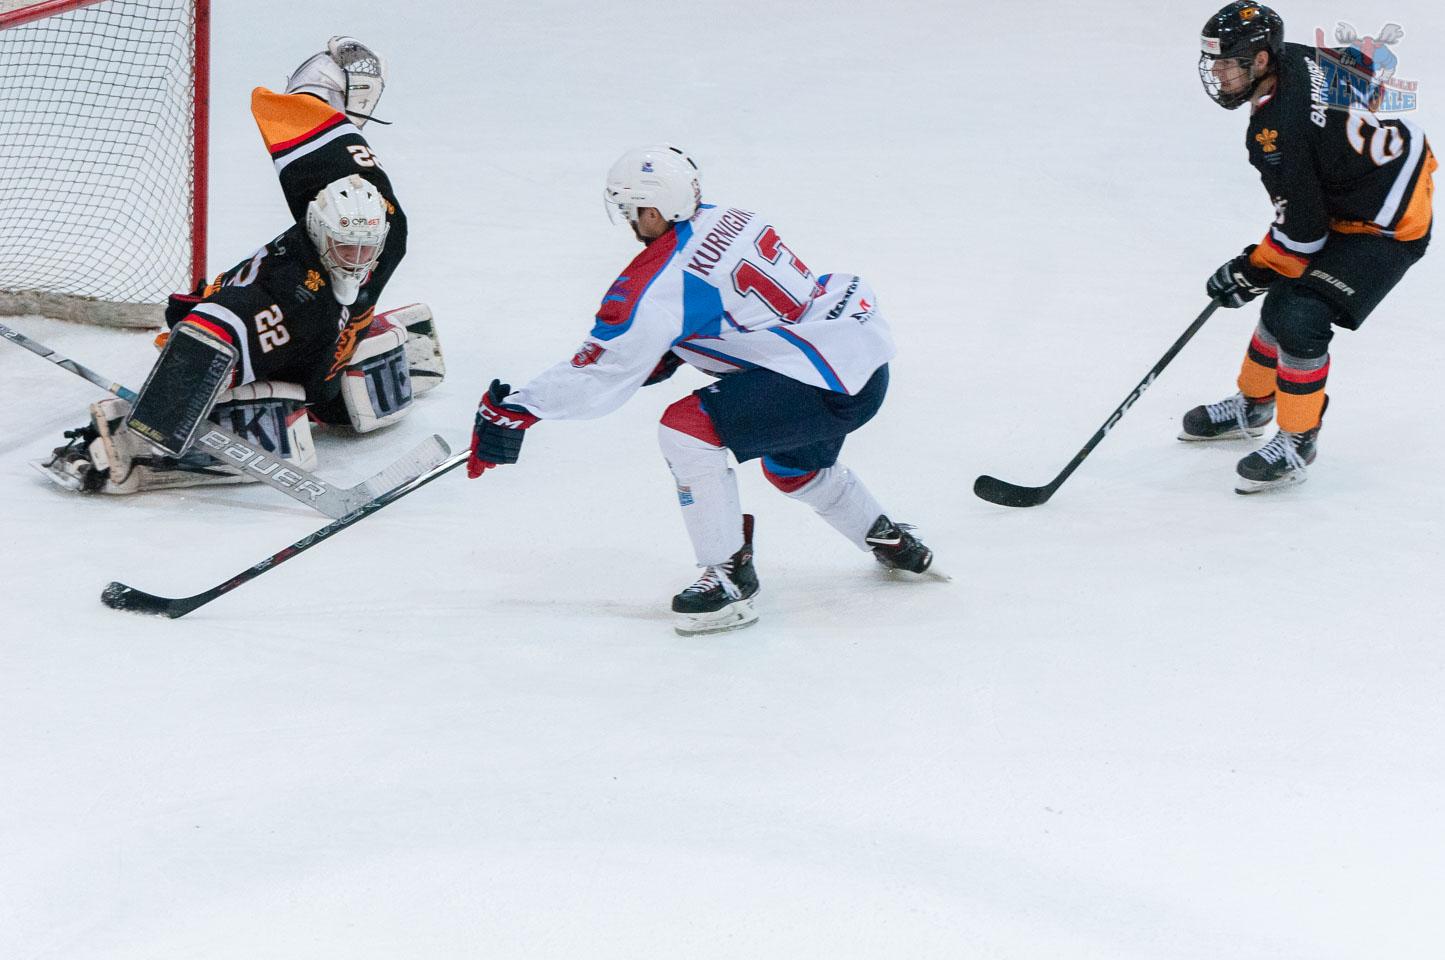 Hokeja uzbrucējs cenšas ieraidīt ripu Rauhala sargātos vārtos